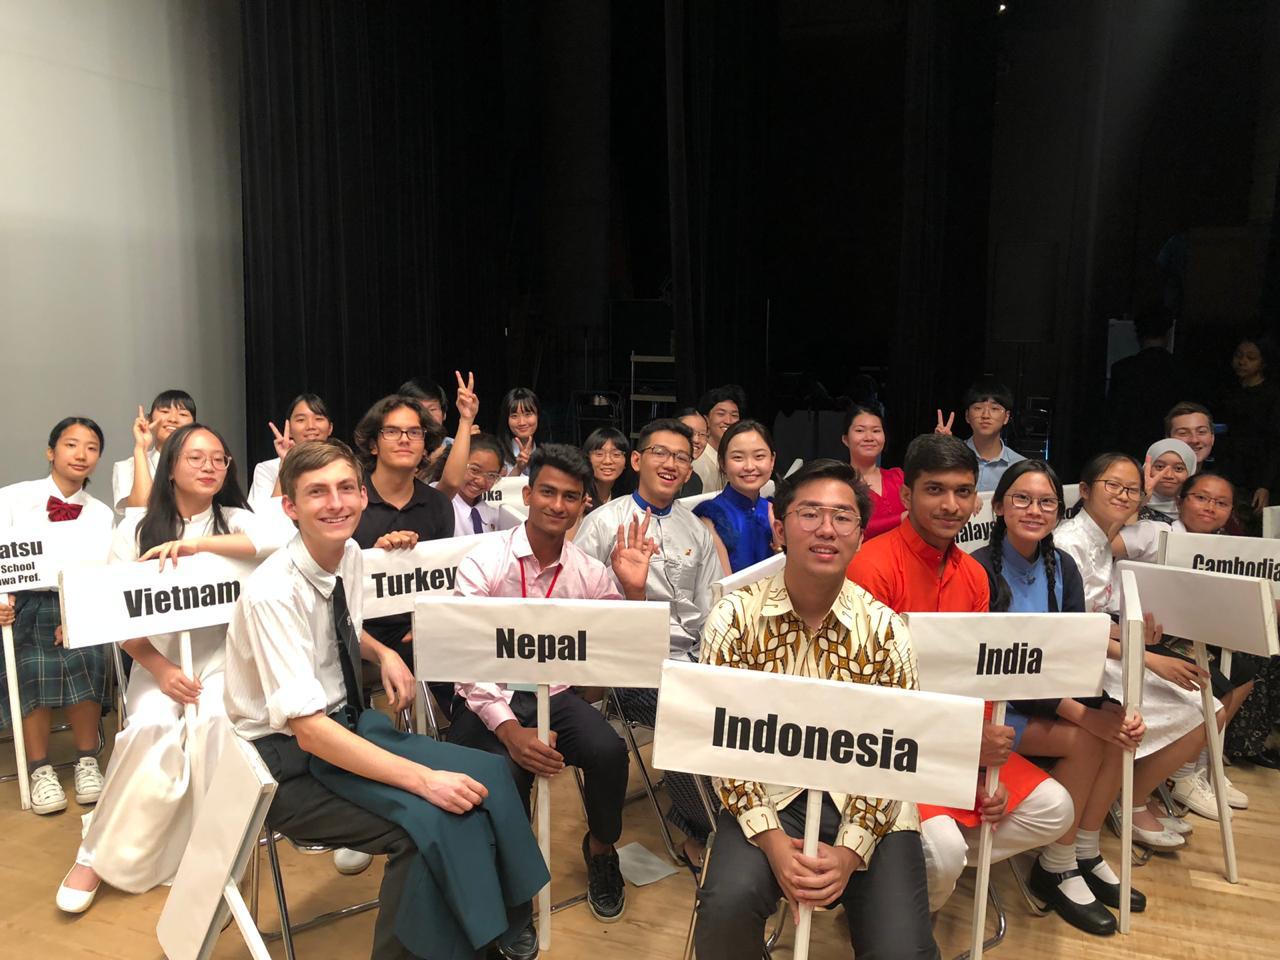 Foto bersama para peserta dengan markah masing-masing Negara